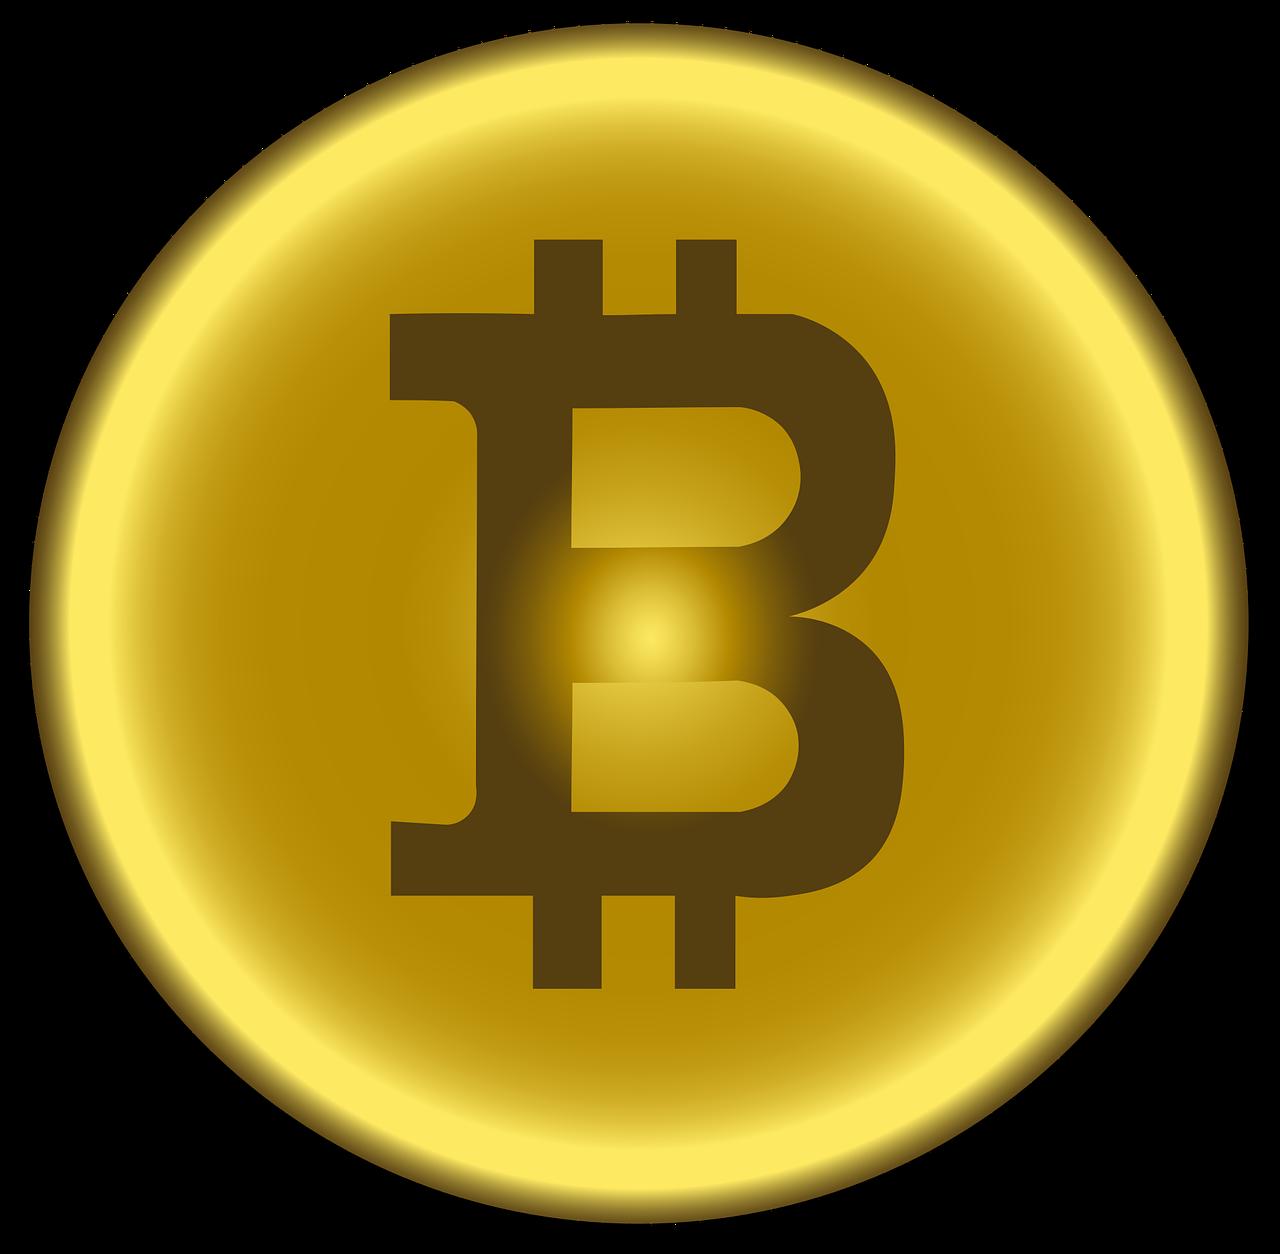 Bitcoin Wallpapers In 2020 Blockchain Technology Bitcoin Blockchain